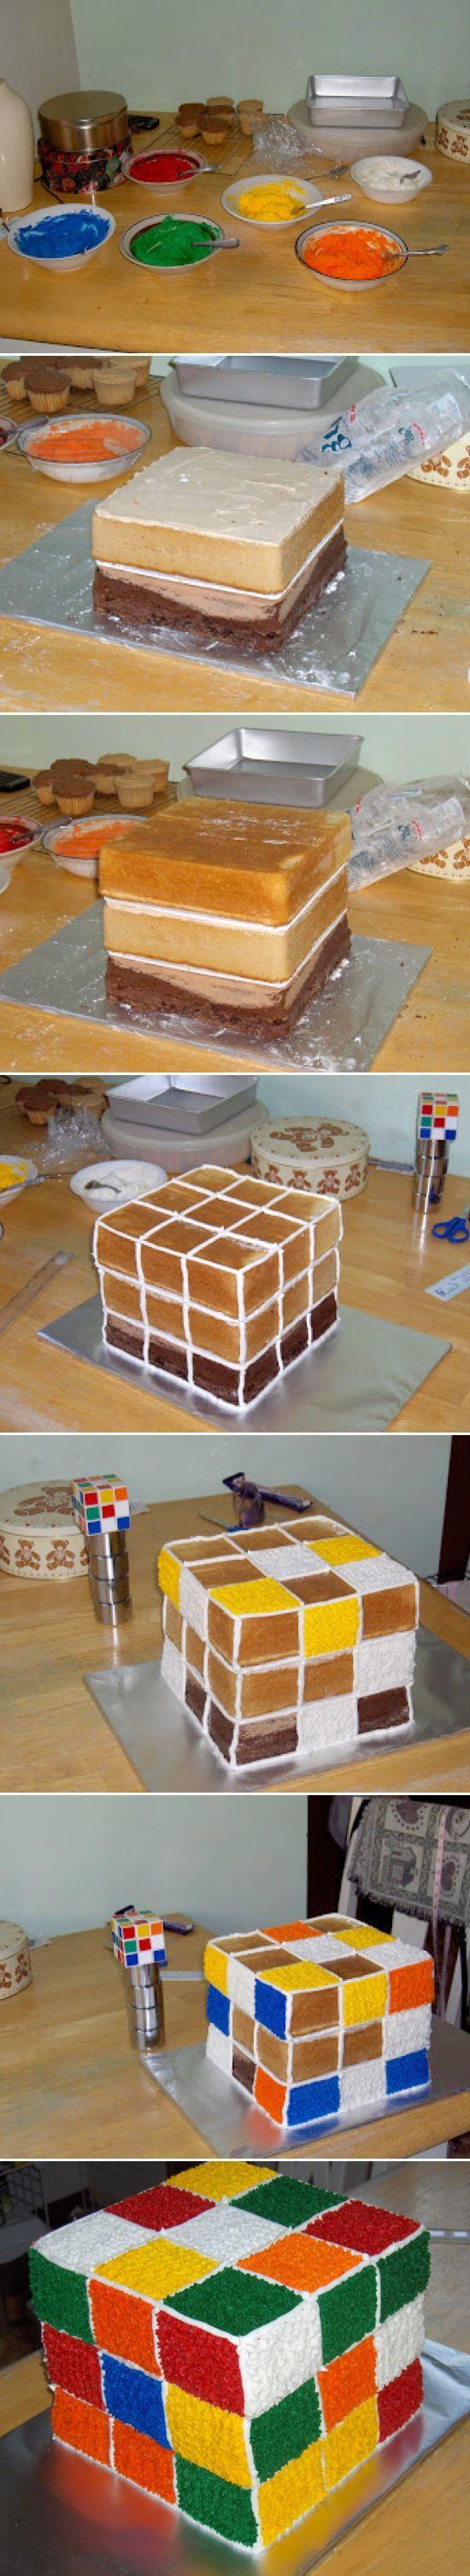 Tarta de cubo de Rubbick. ¿En distintos tonos de verde para tarta Minecraft?